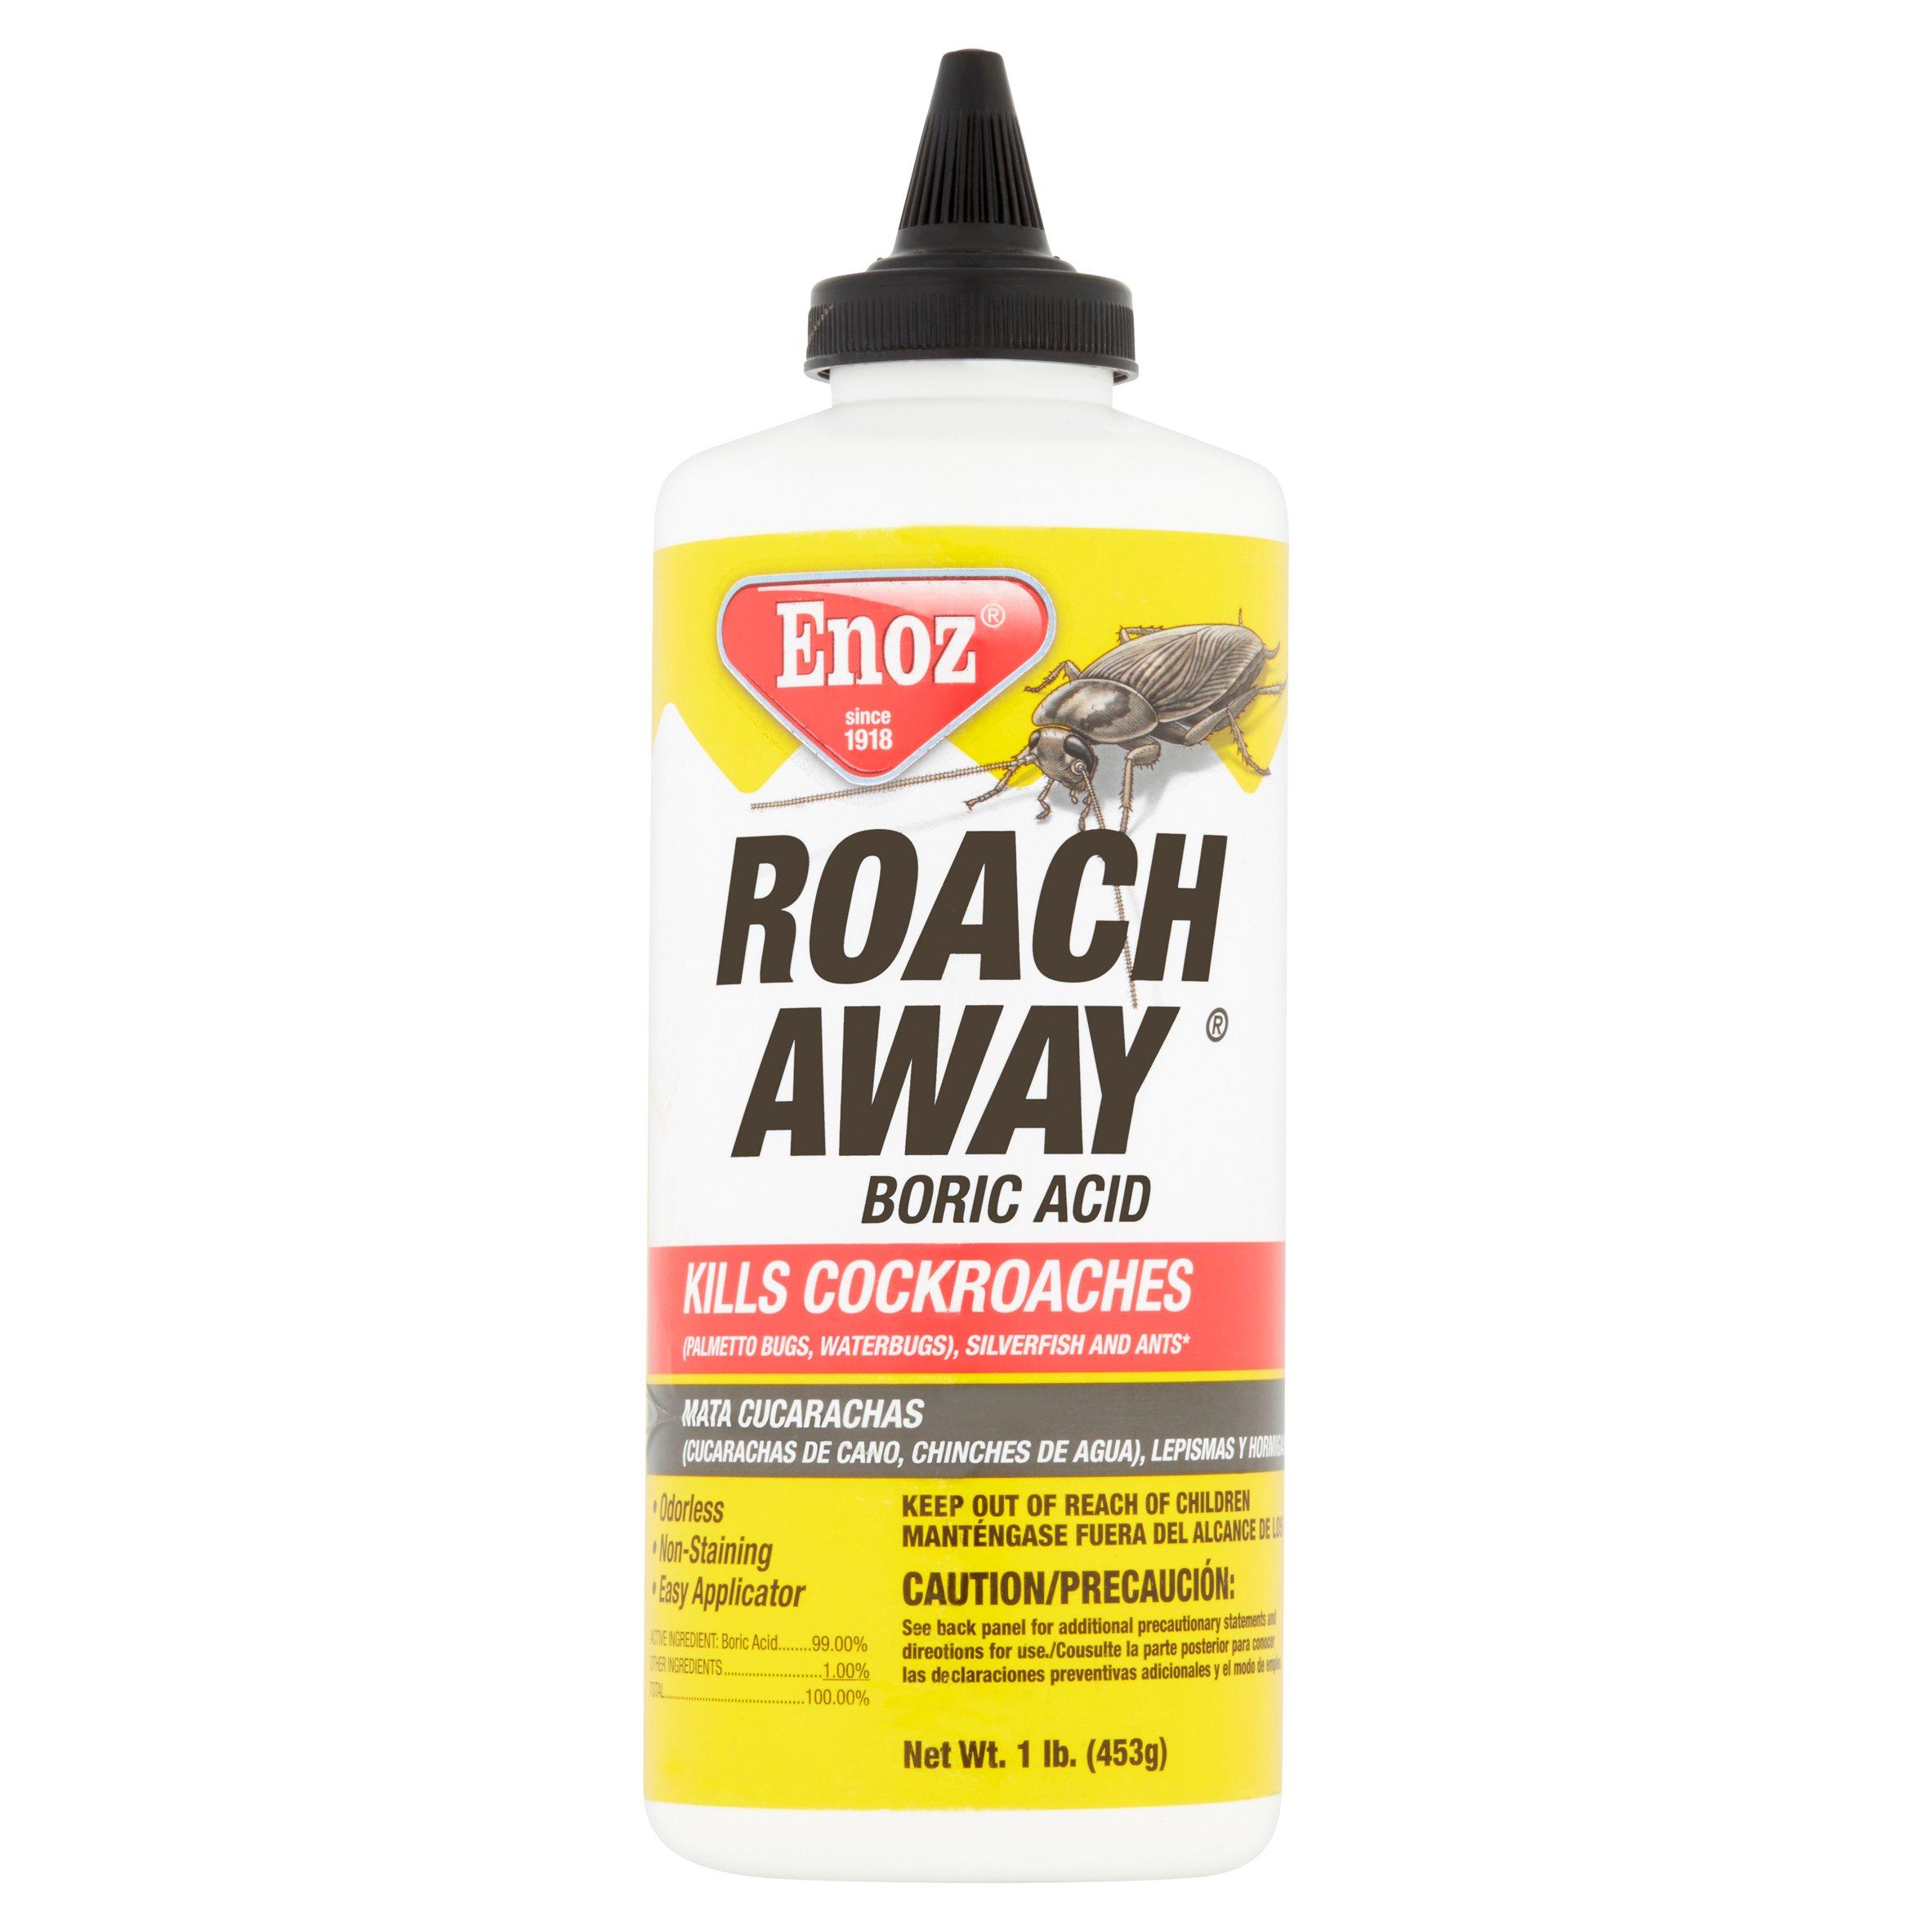 Enoz Roach Away Boric Acid, 1 lb - Walmart.com | Tuggl